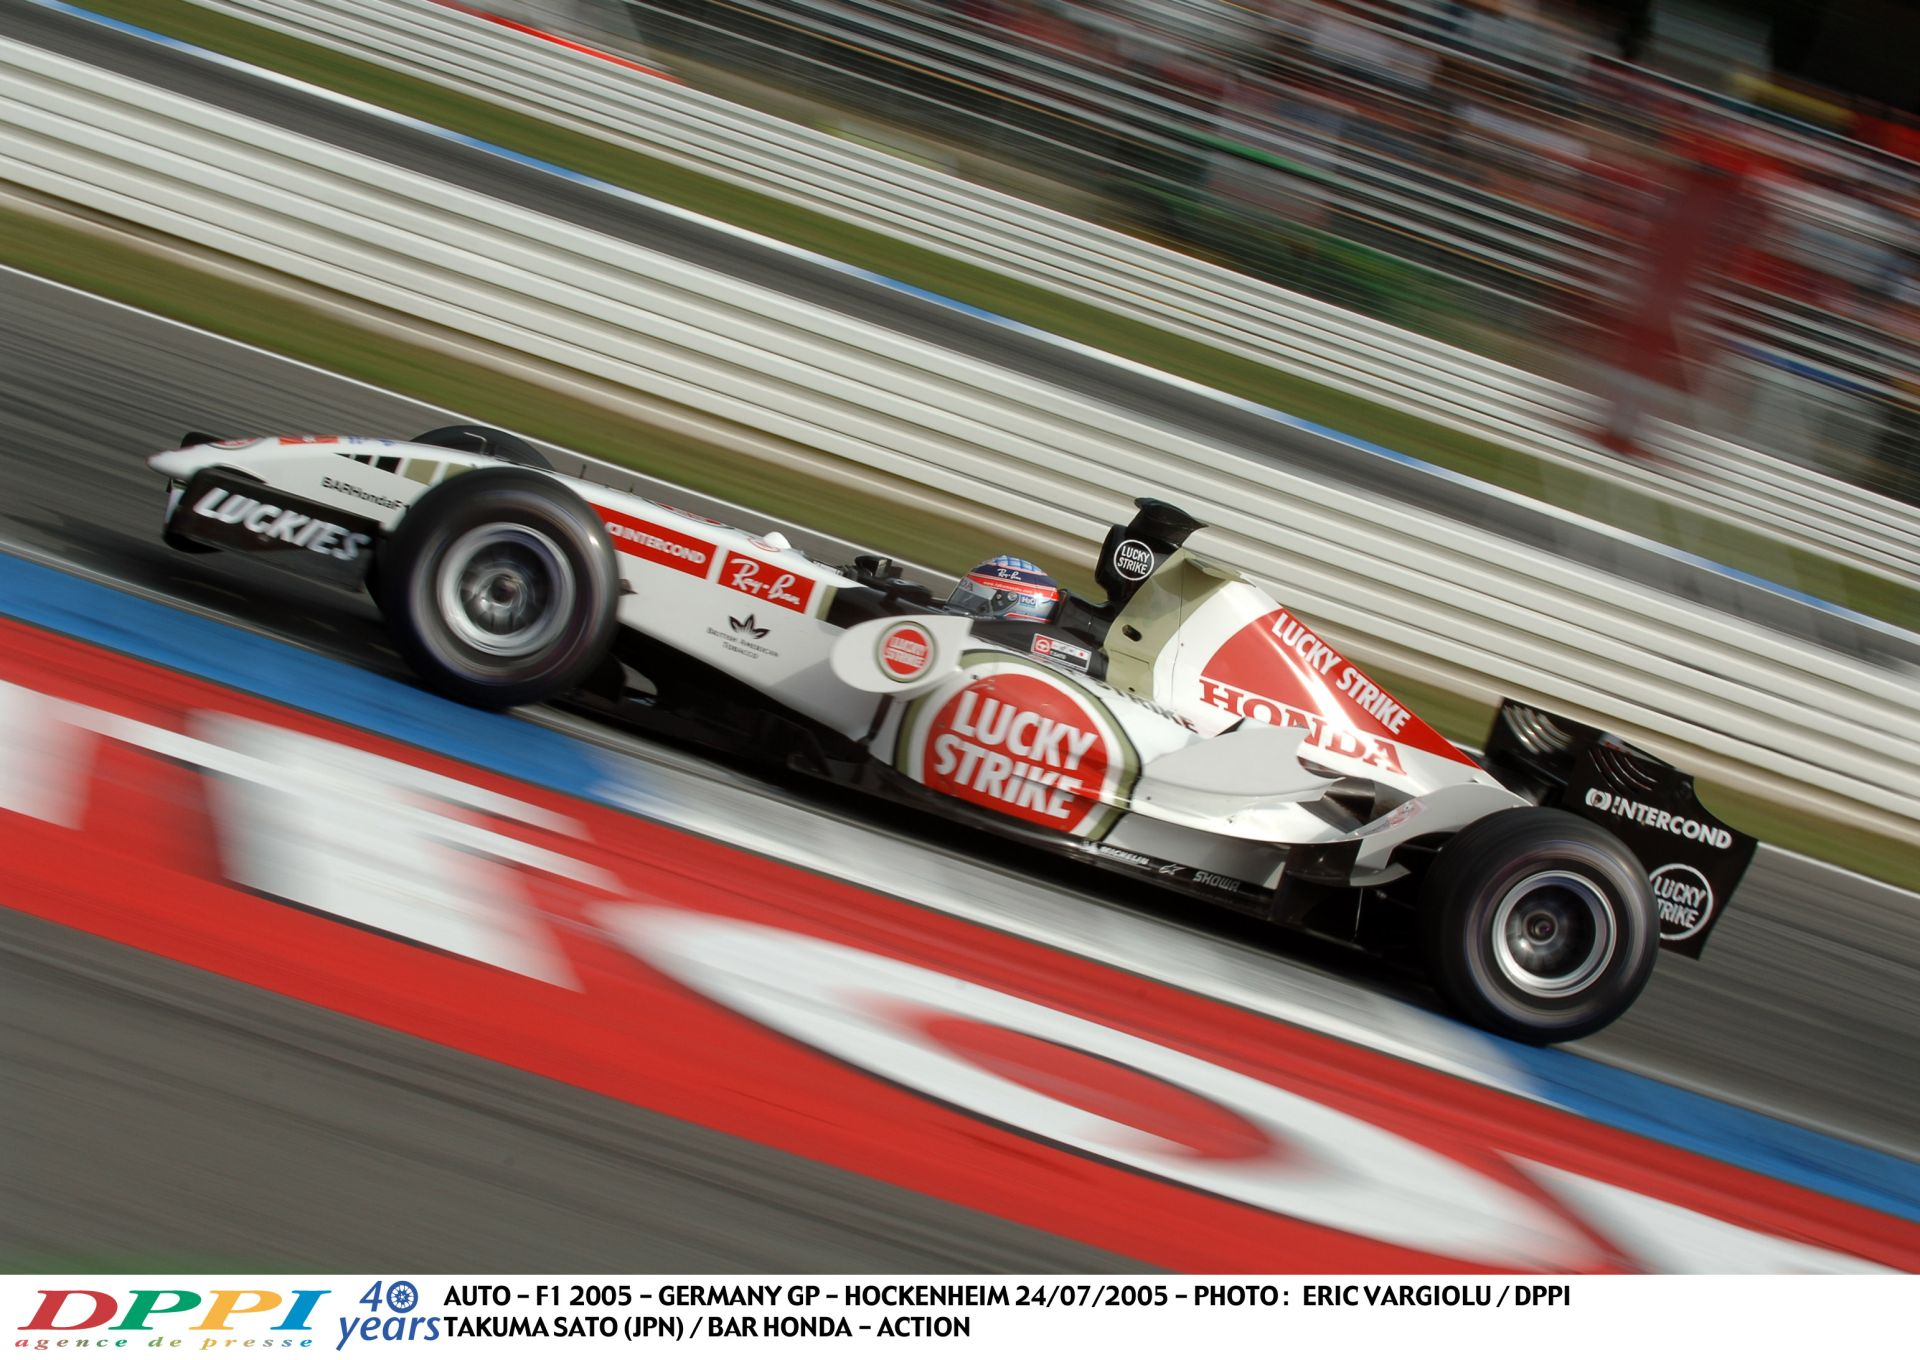 Sato repül, szárnyal, fénysebességre kapcsol a Hondával: 2005, Hockenheim